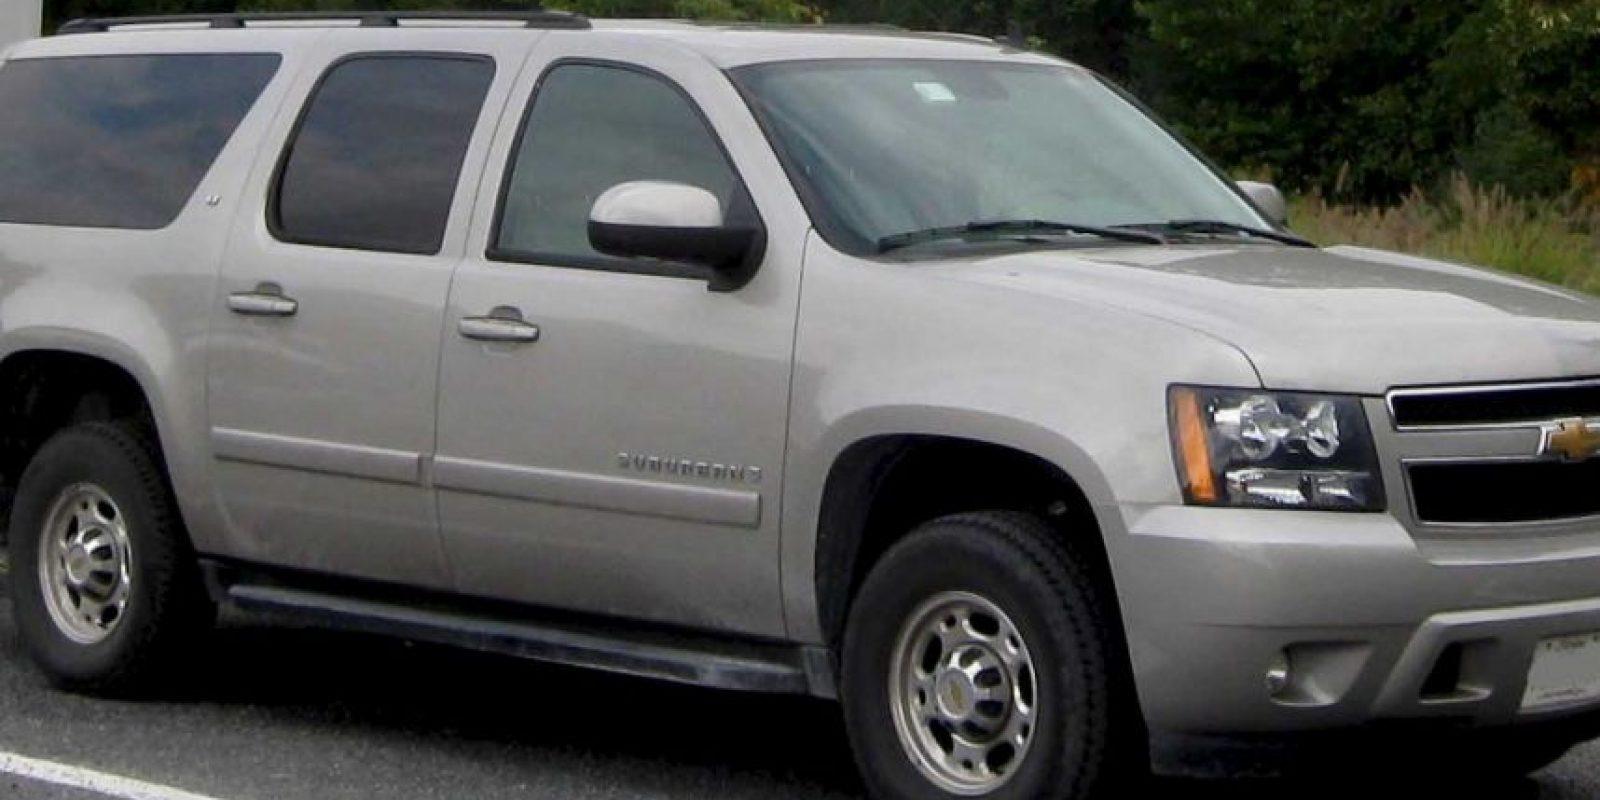 Su vehículo tiene un valor de 54 mil dólares, aproximadamente. Foto:Wikimedia.org